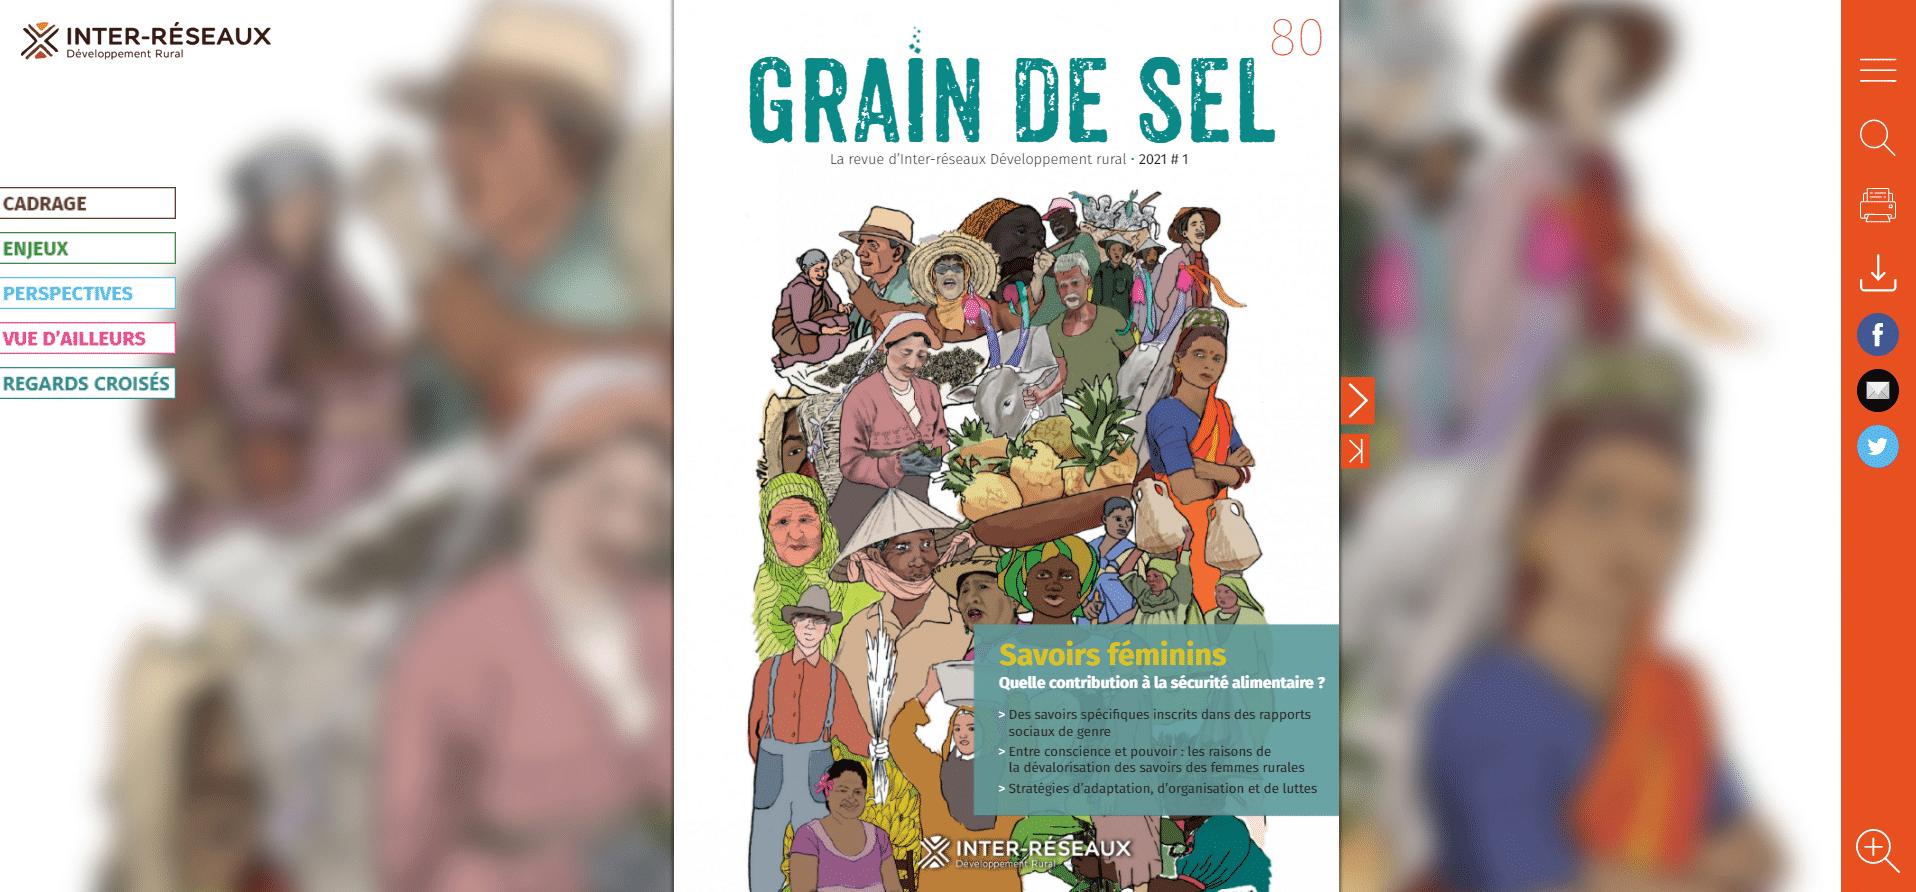 Magazine interactif : Grain de Sel n°80 sur les savoirs féminins